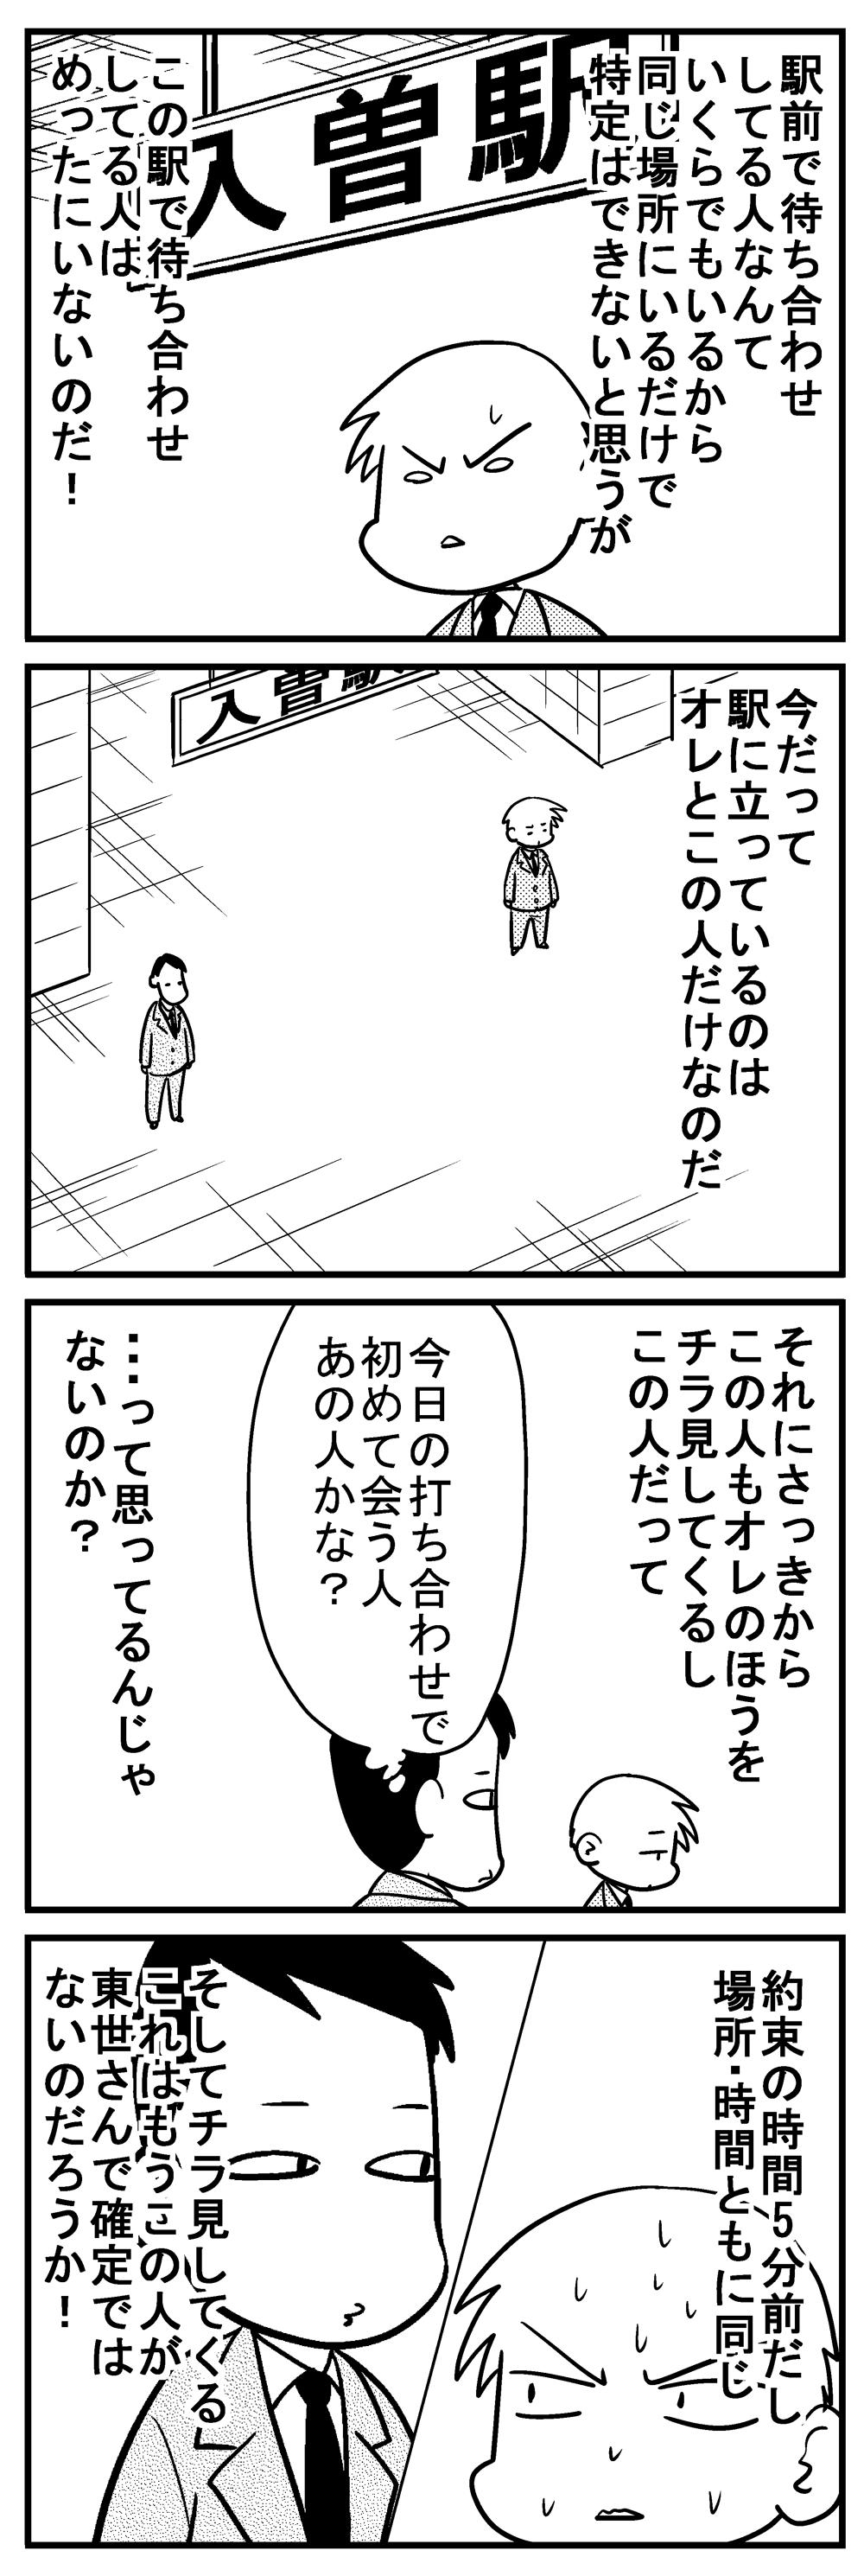 深読みくん55-2